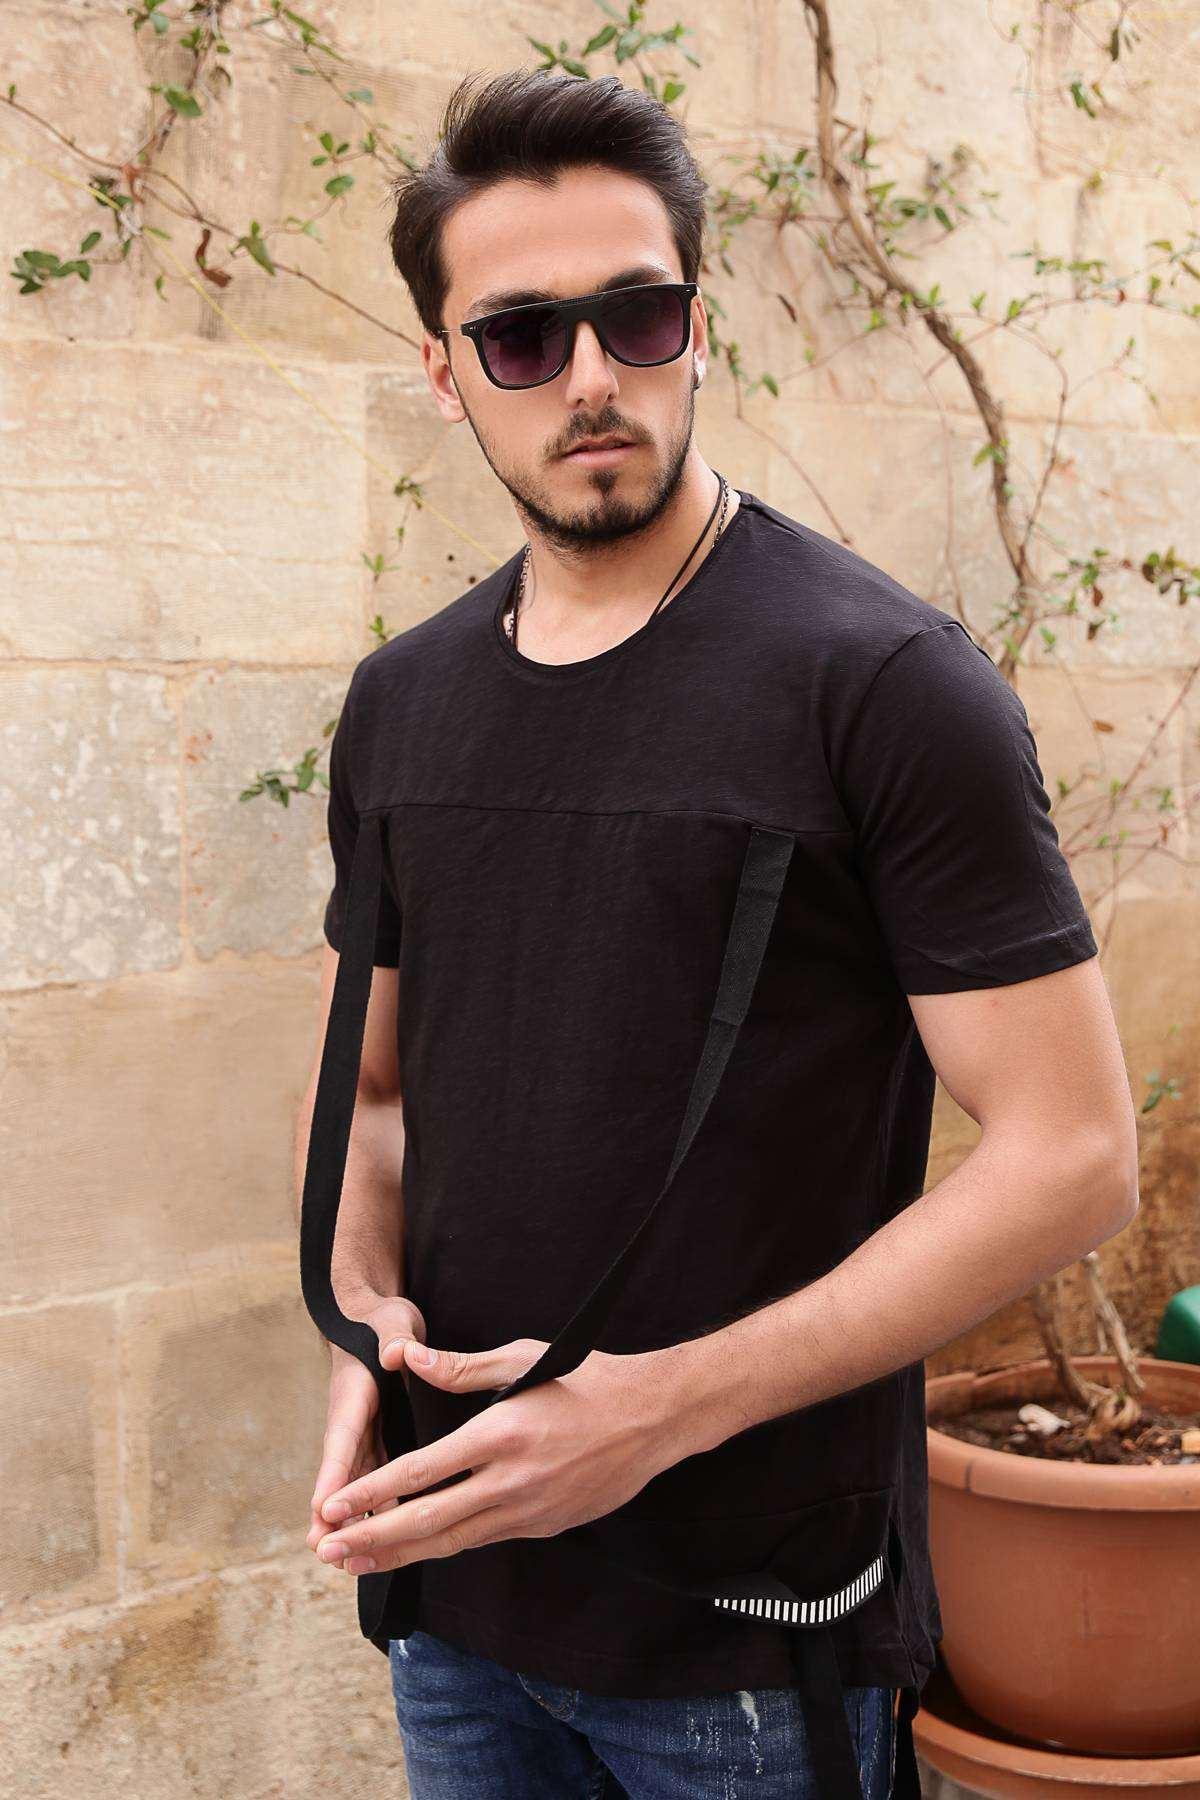 Önü Sarkıtma Şeritli Yanları Yırtmaçlı Slim Fit Tişört Siyah